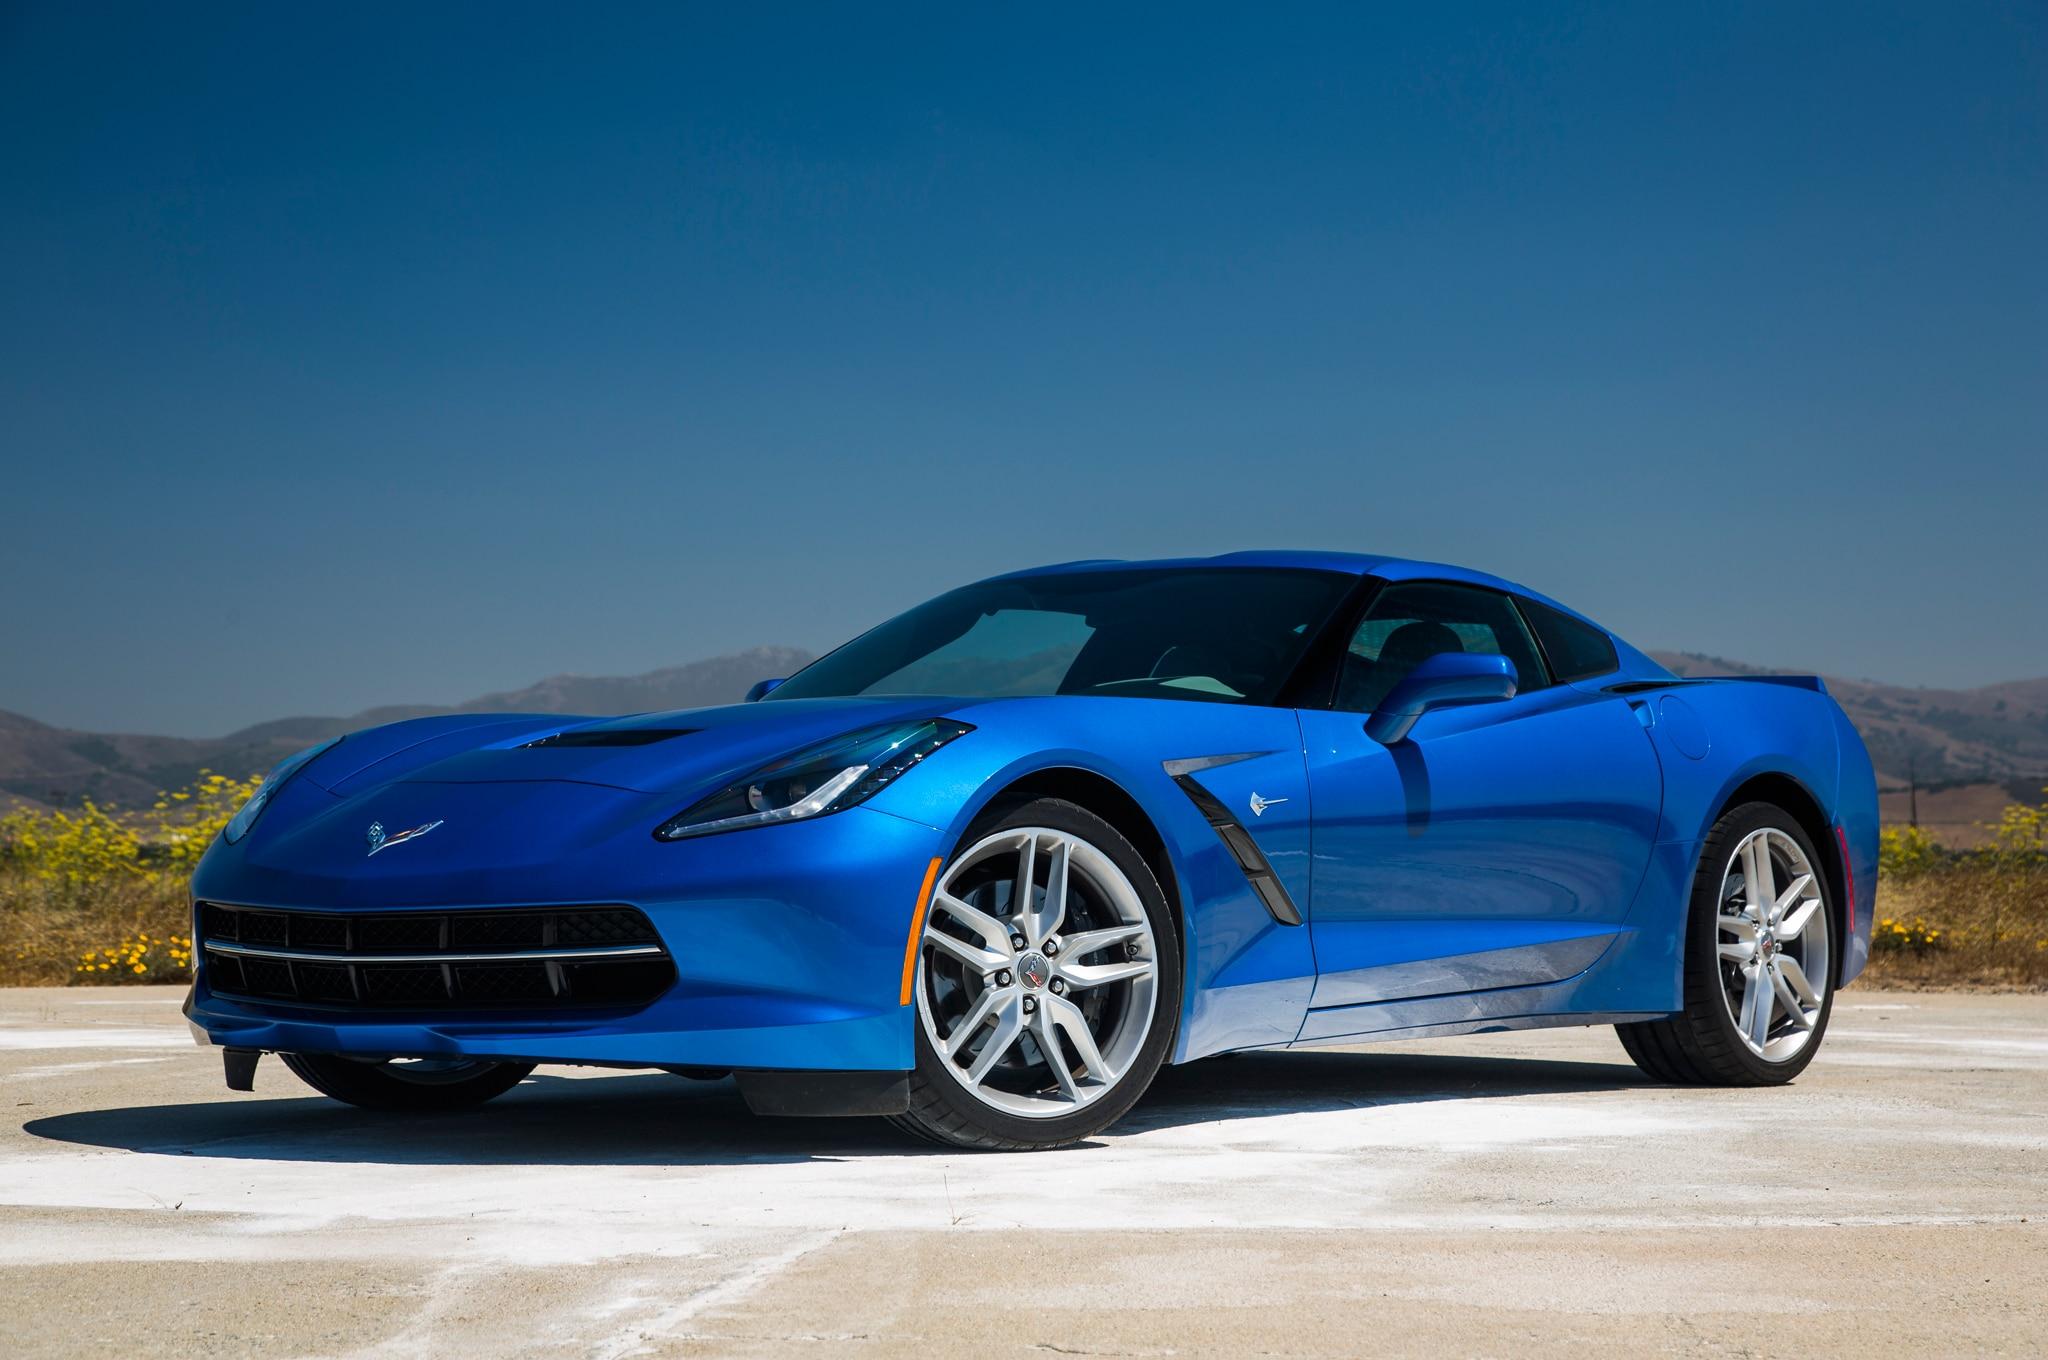 2014 chevrolet corvette stingray z51 - Corvette 2015 Stingray Blue